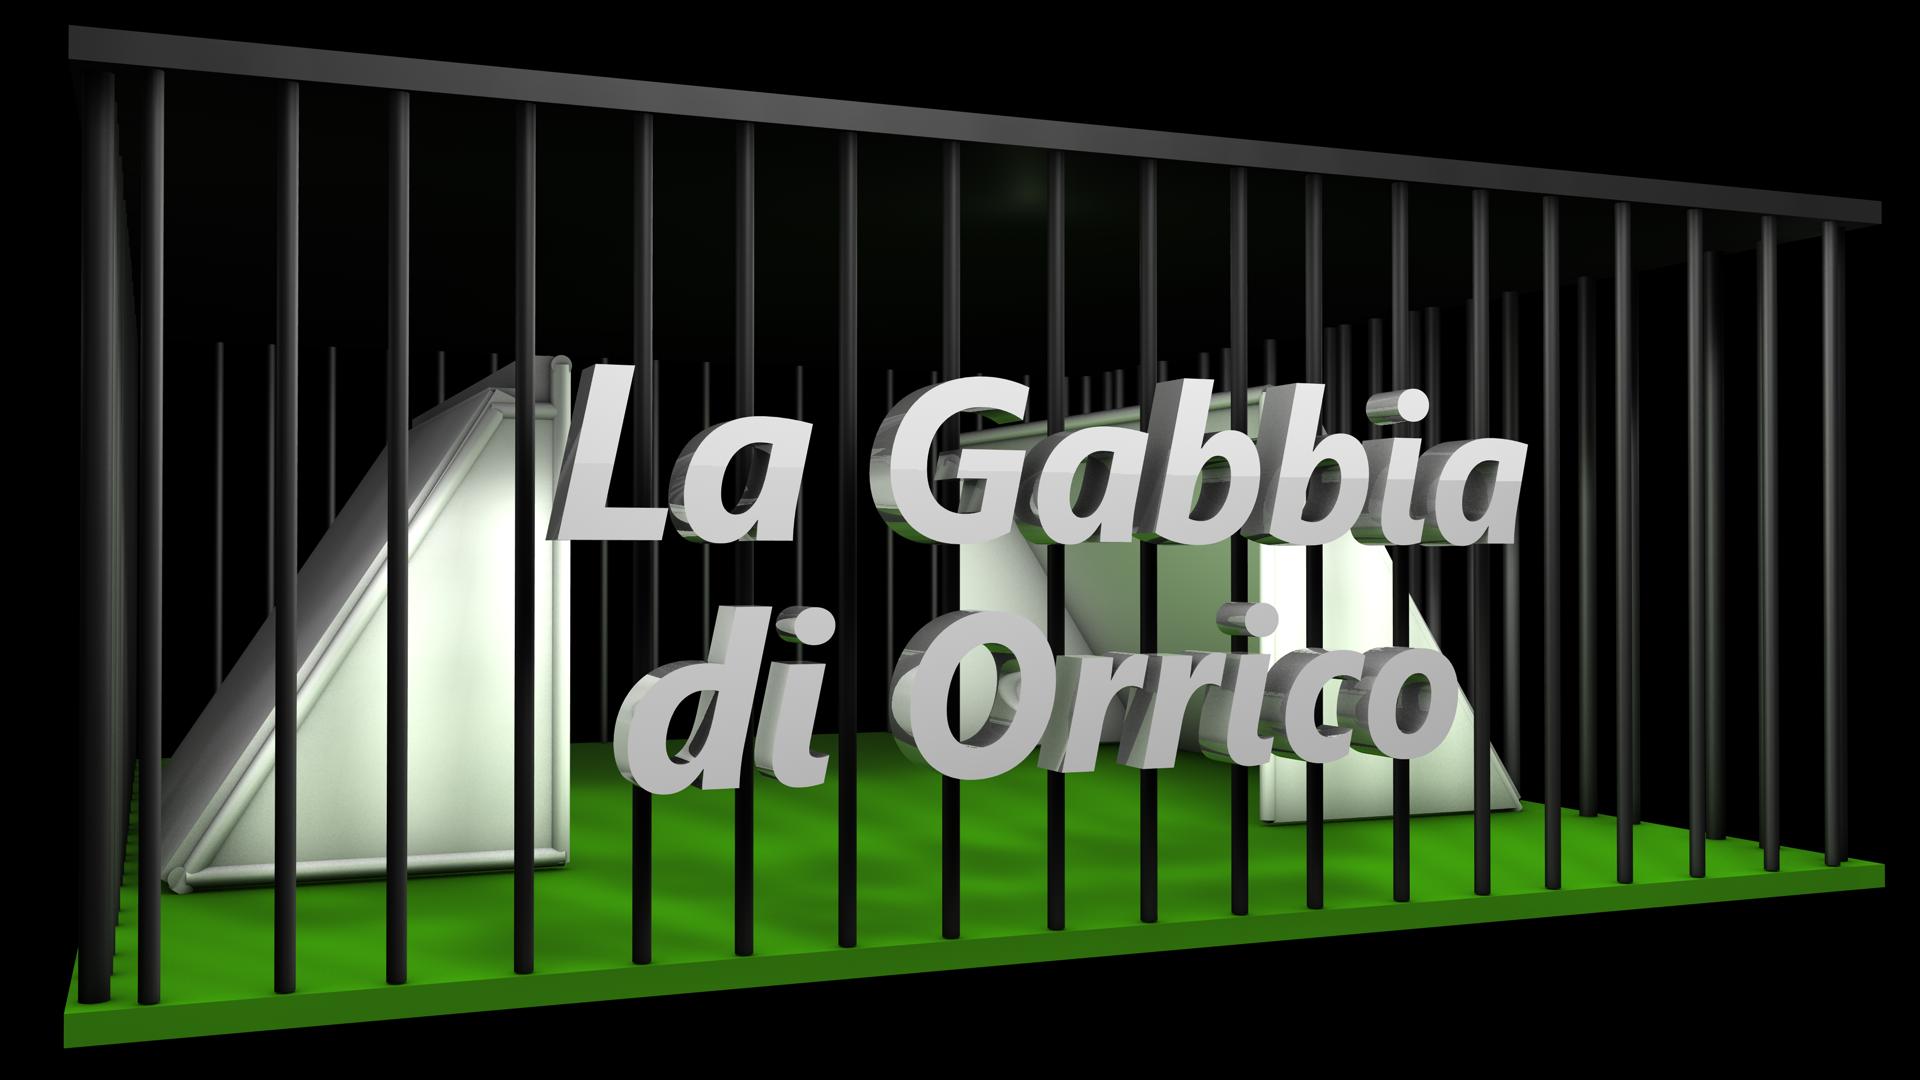 La Gabbia di Orrico